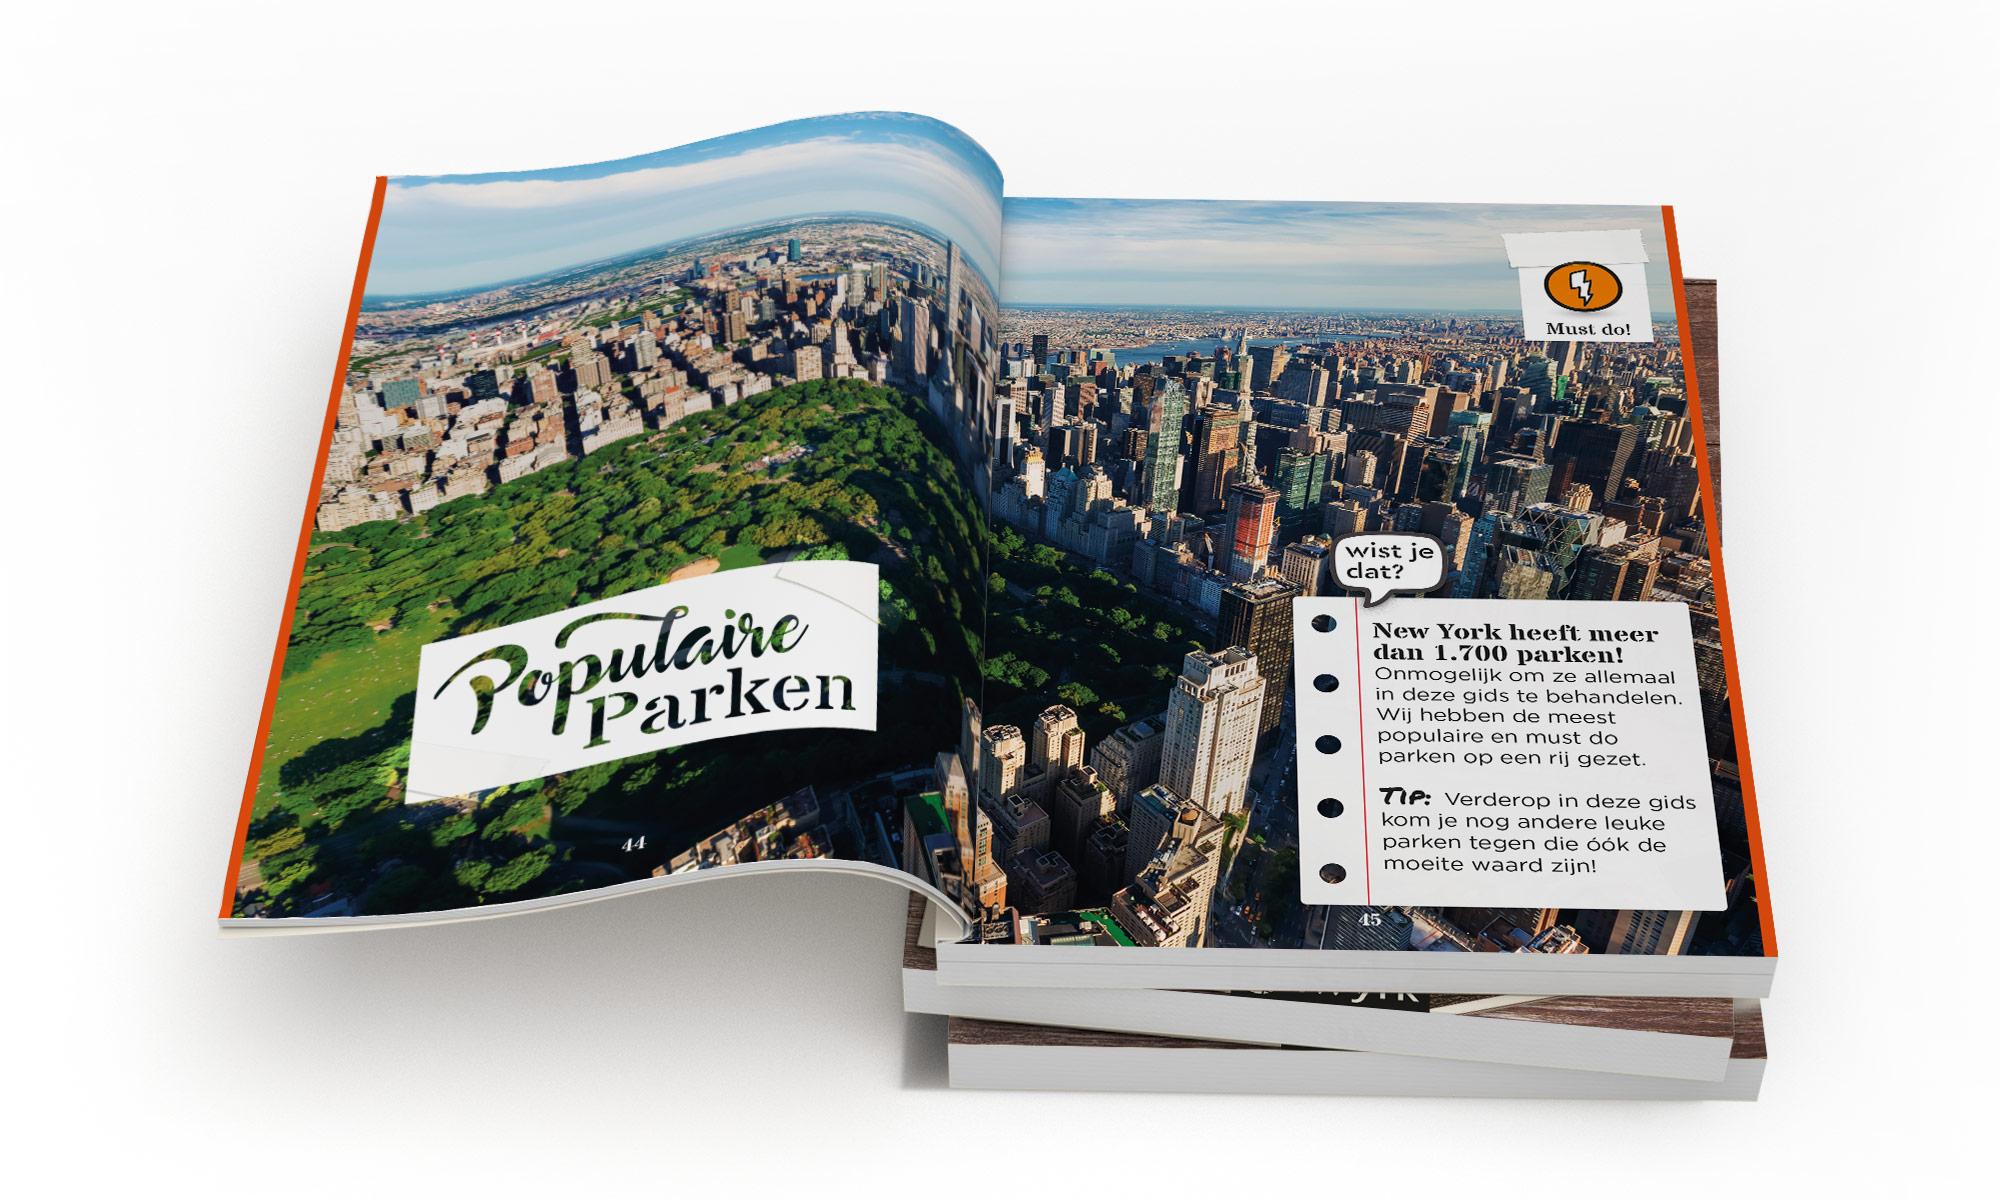 Review // De reisgids die je moet hebben voordat je op stedentrip naar New York gaat (WINACTIE)